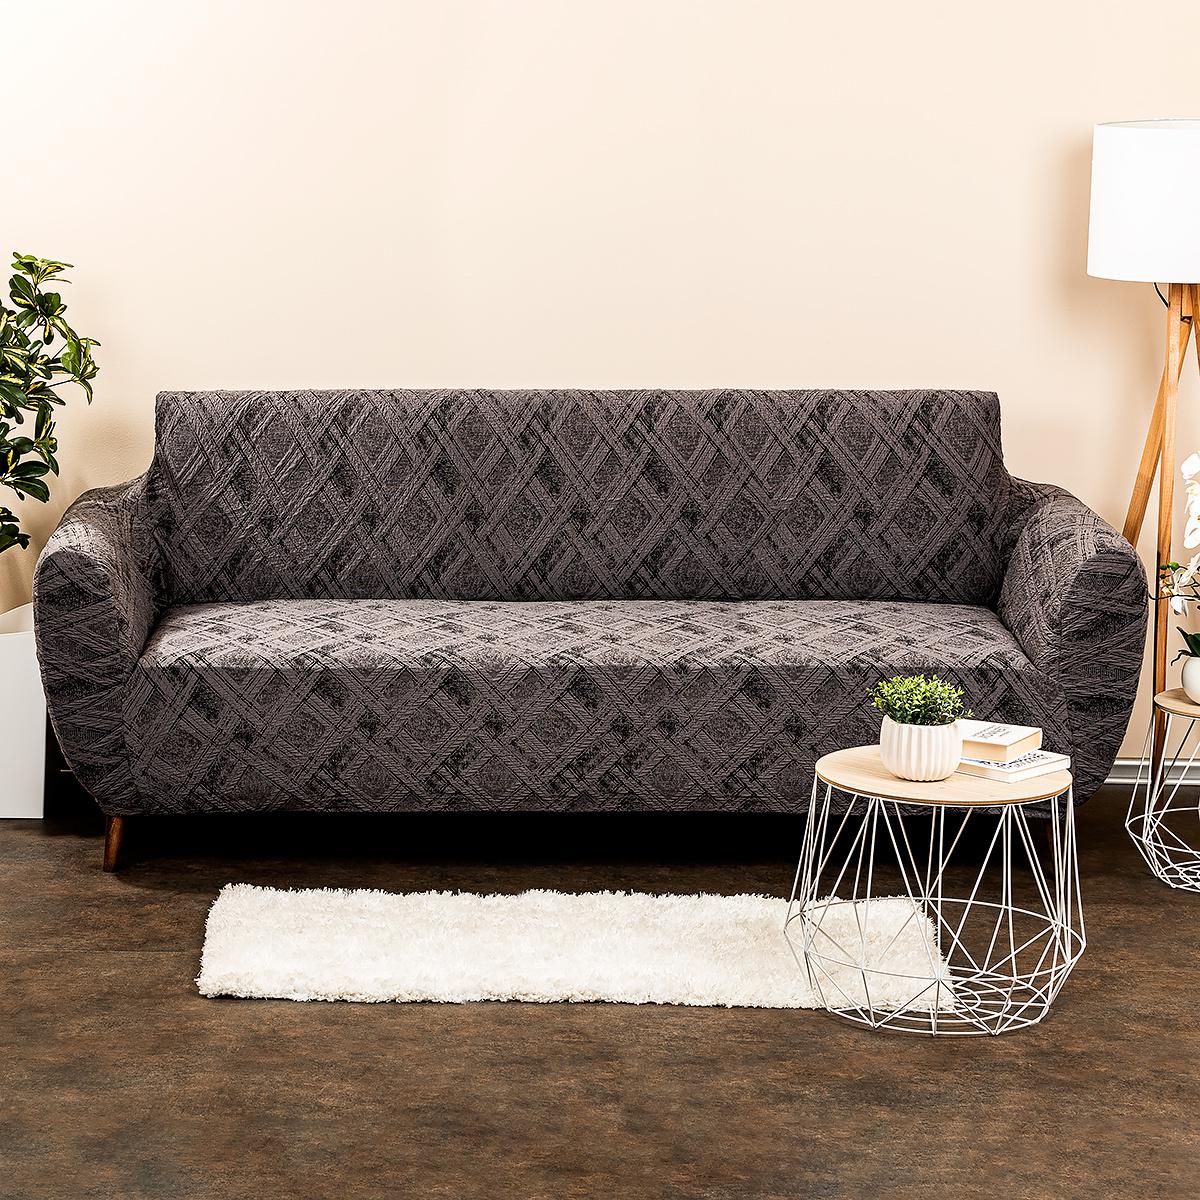 4Home Multielastický poťah na sedačku Comfort Plus sivá, 180 - 220 cm, 180 - 220 cm